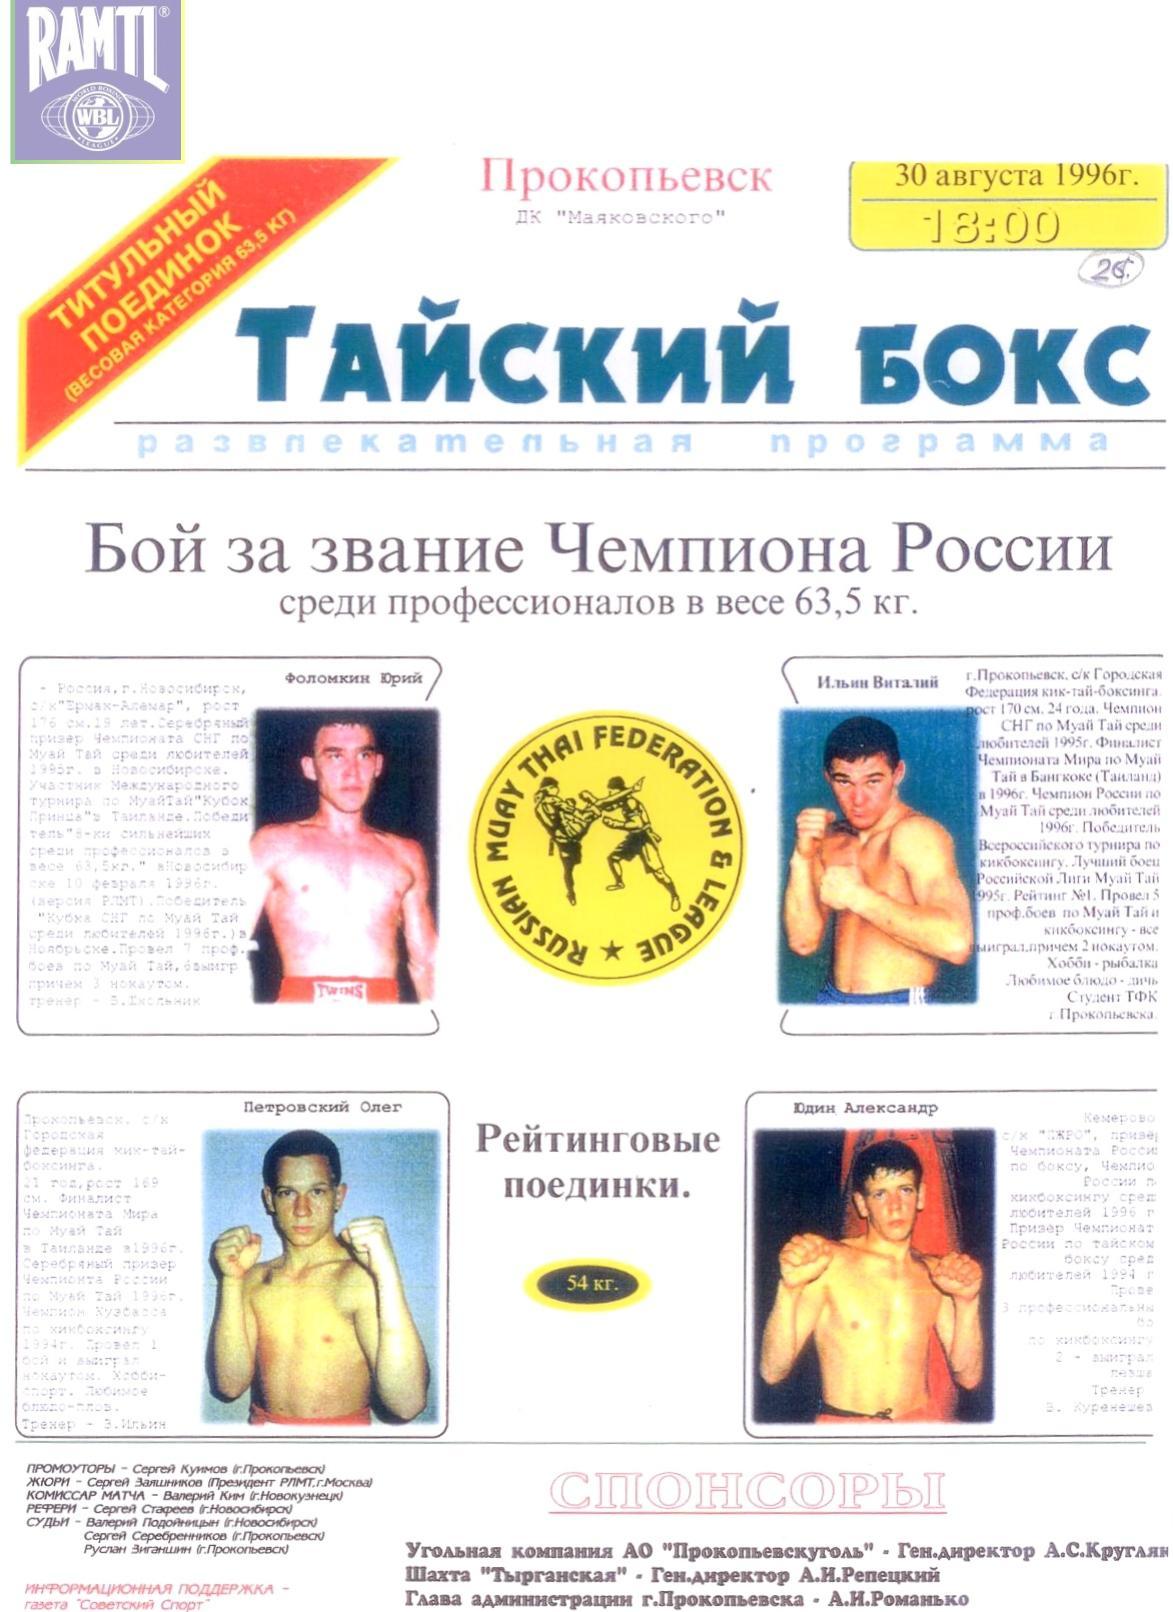 1996-08-30_Prokopqevsk